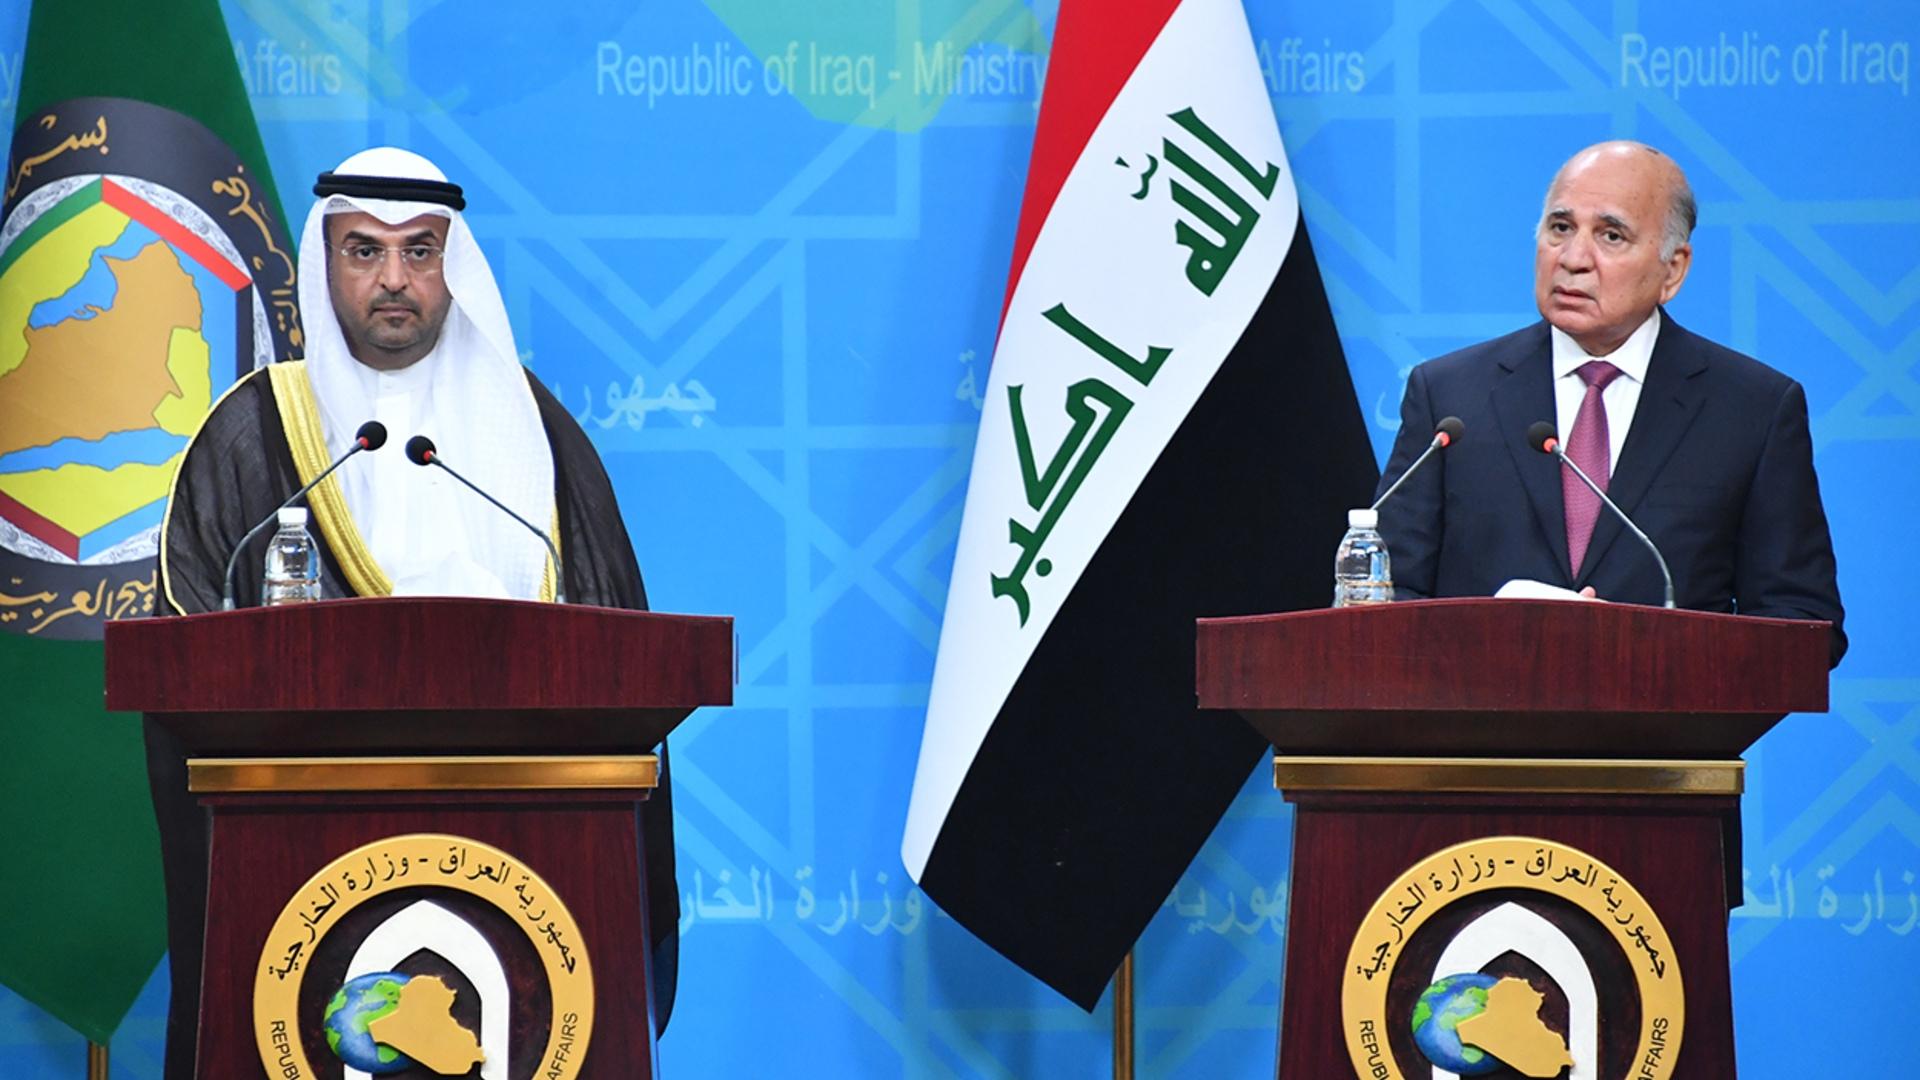 وزير الخارجية يبحث الربط الكهربائي والاستثمارات مع الحجرف